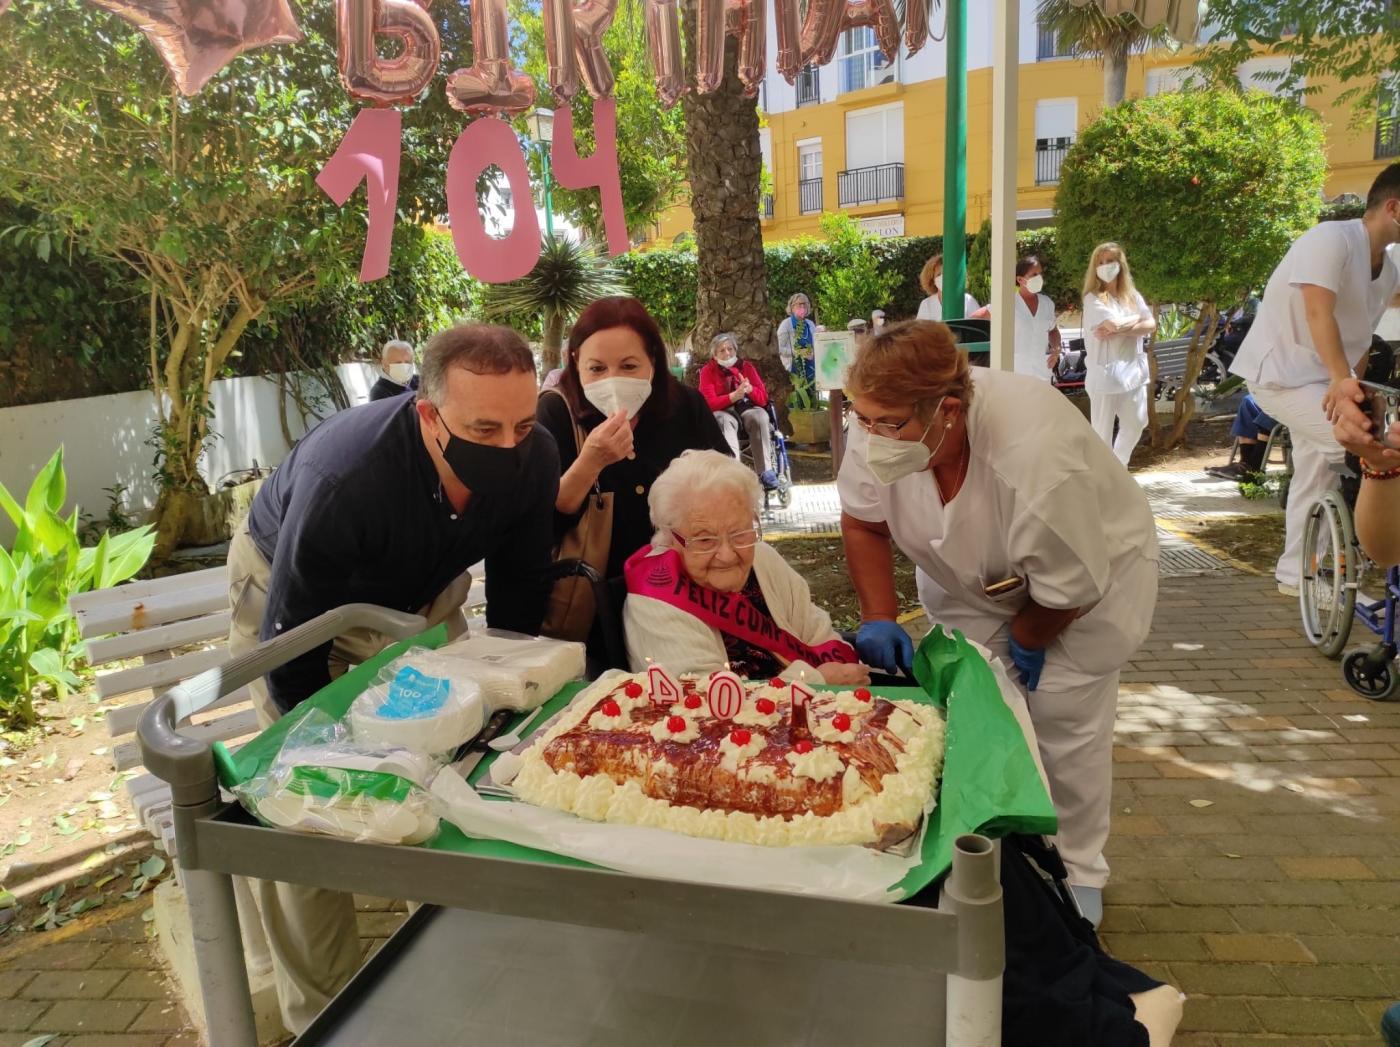 La residente más longeva de la Residencia Matía Calvo de Cádiz cumple 104 años de edad